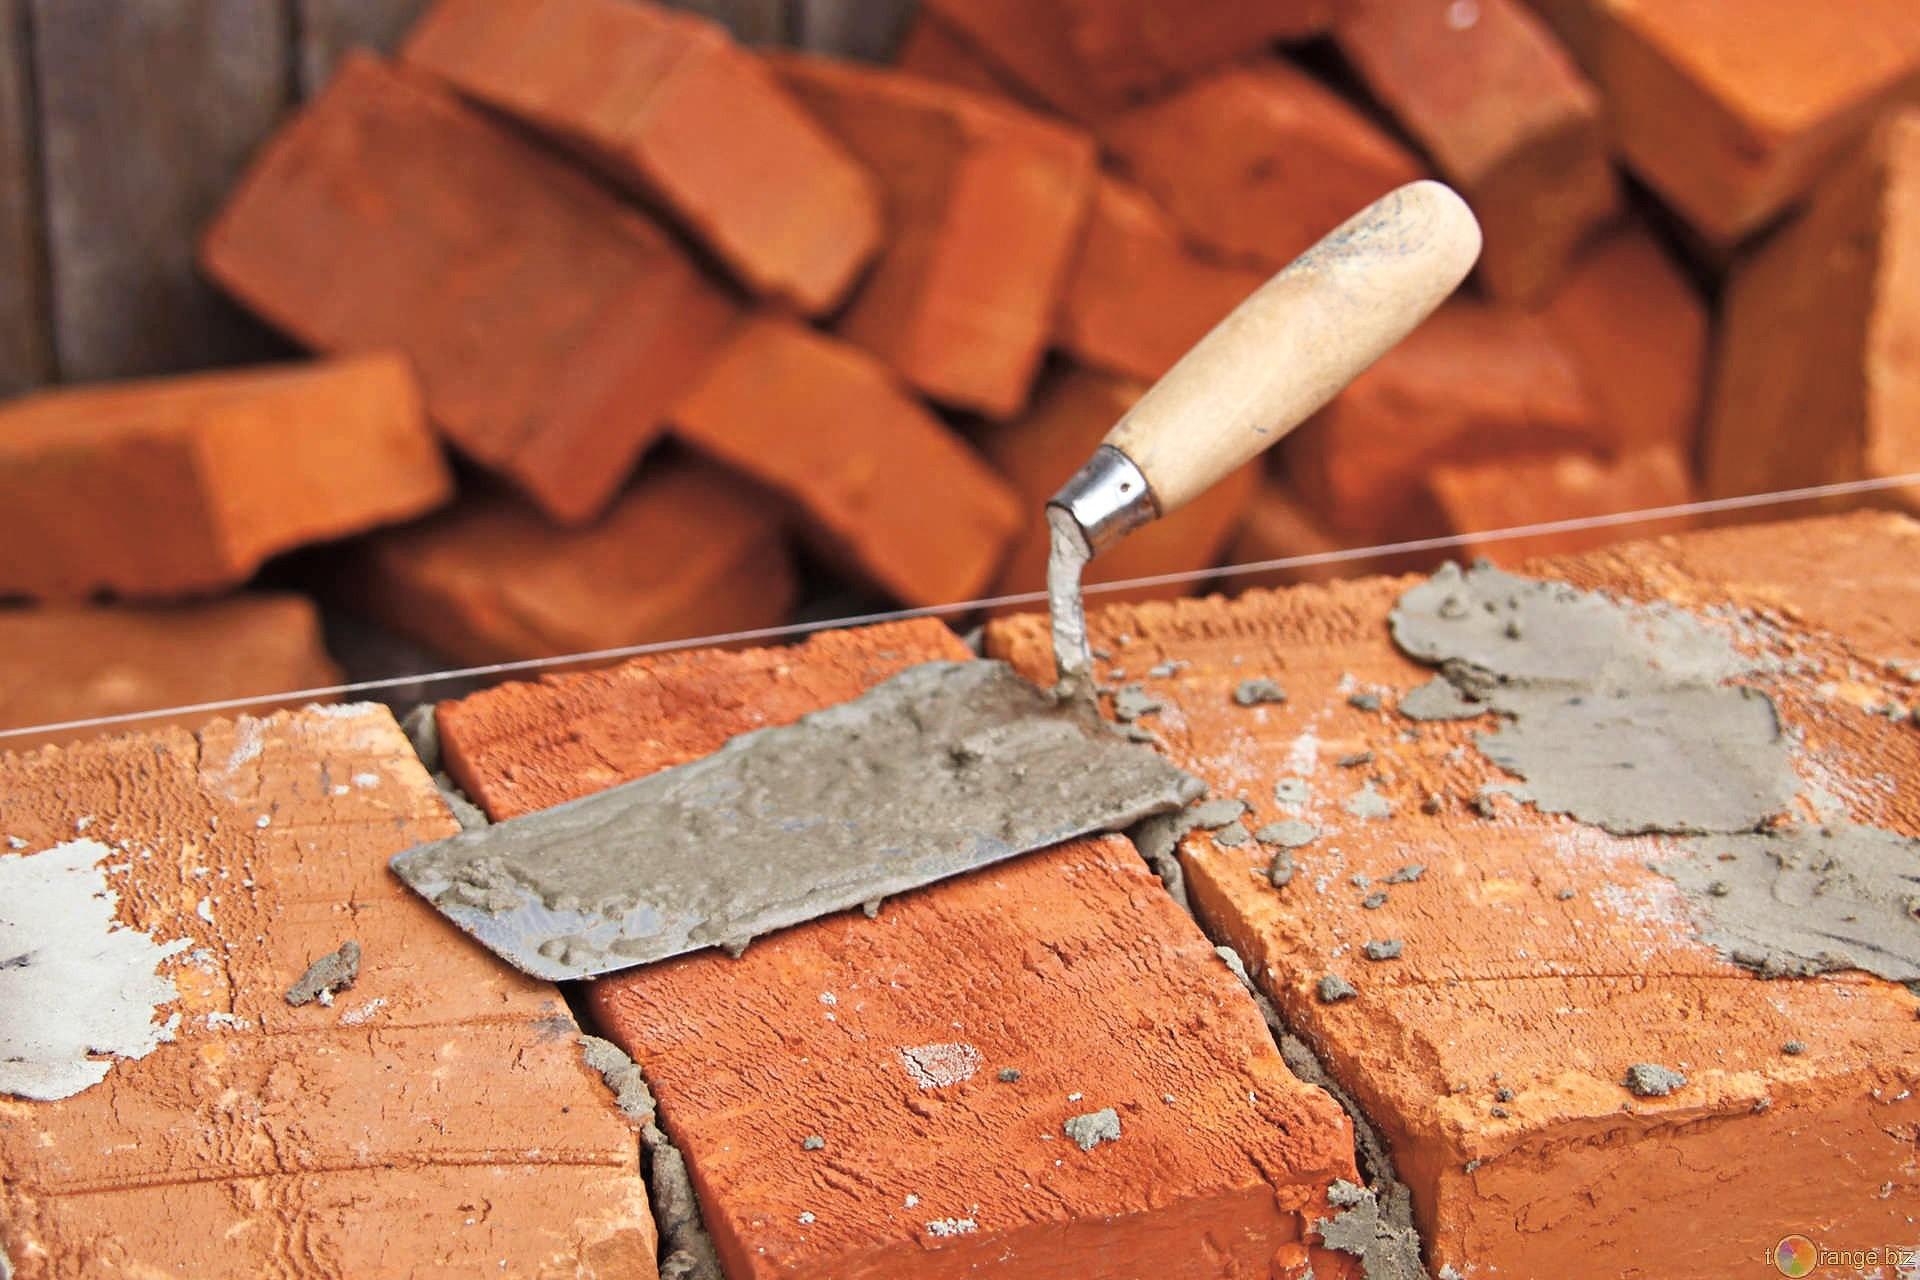 Чтобы кладка кирпича зимой была успешной, каменщикам доставляют тёплый раствор, используя специальные контейнеры. Они способны поддерживать необходимую температуру раствора